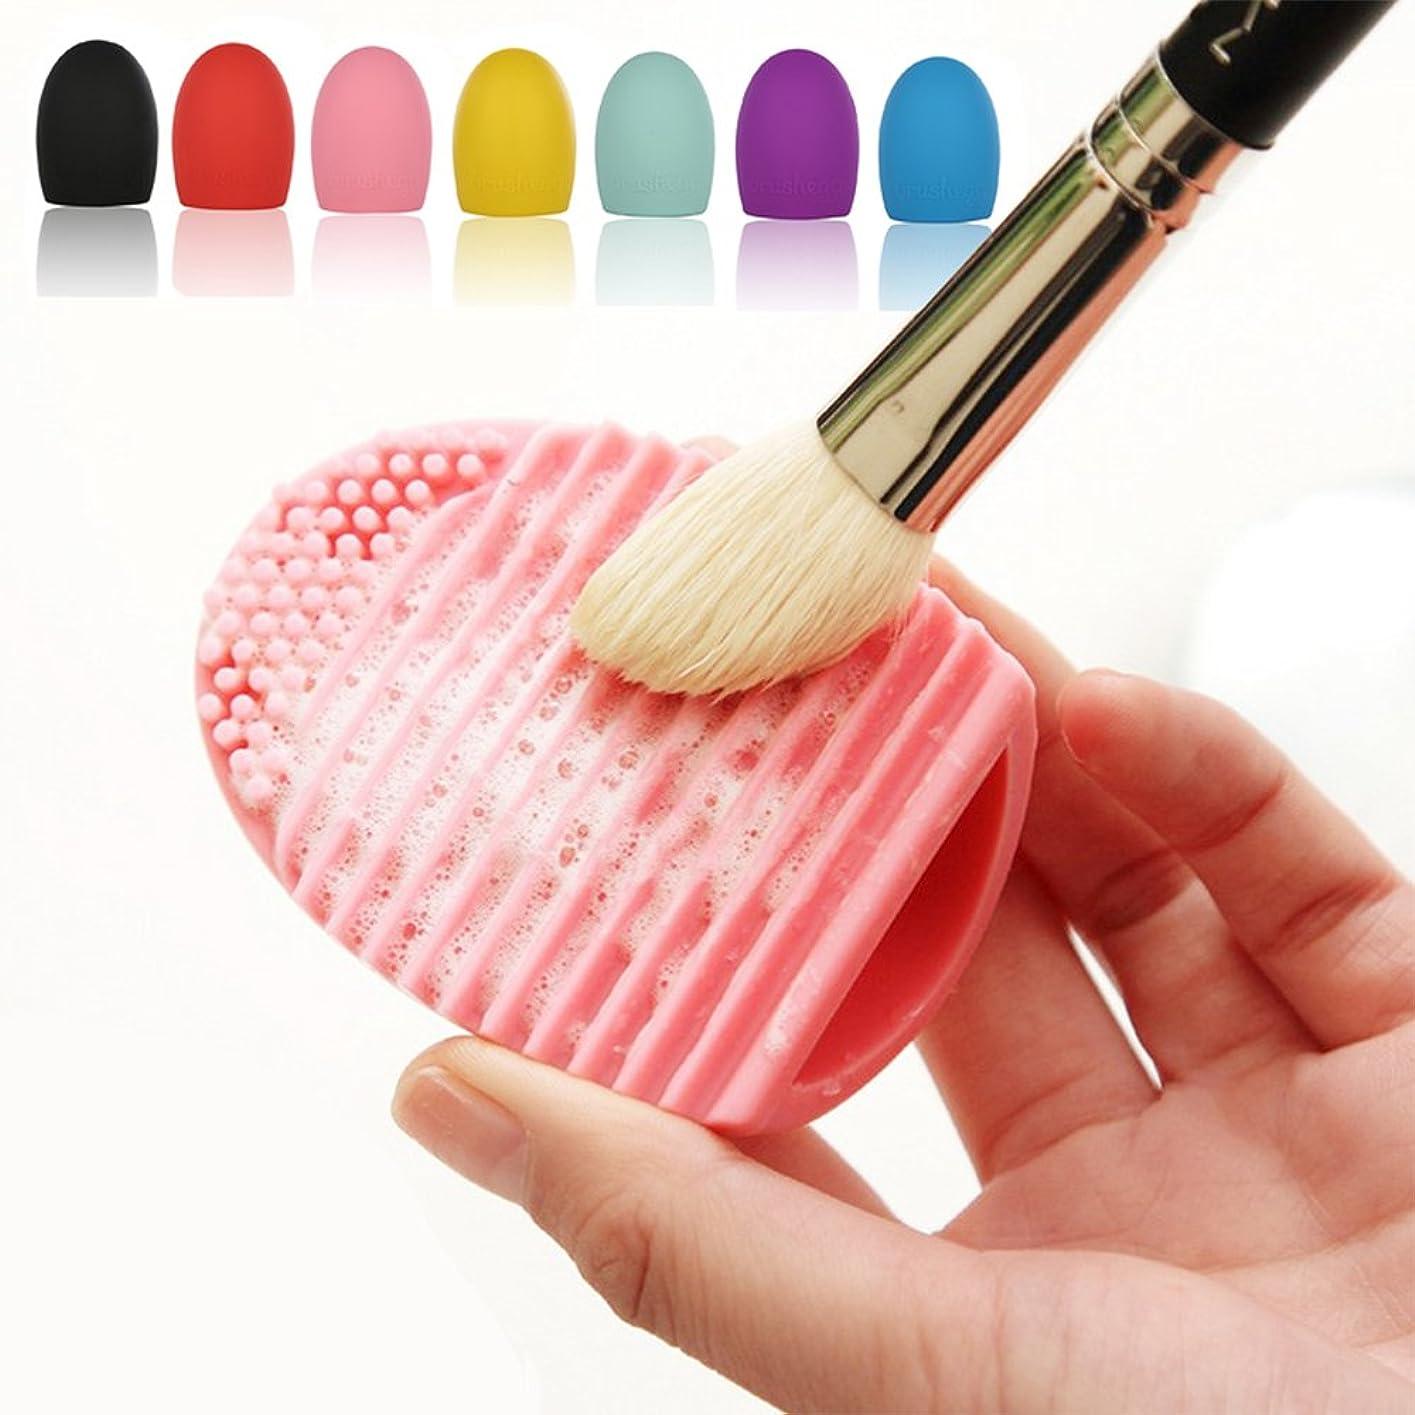 アンケートクリスマス逆にSmato 化粧ブラシクリーナー シリコン洗濯板 Brushegg メイクツール 清掃道具 洗浄ブラシ 清掃ブラシ (パープル)